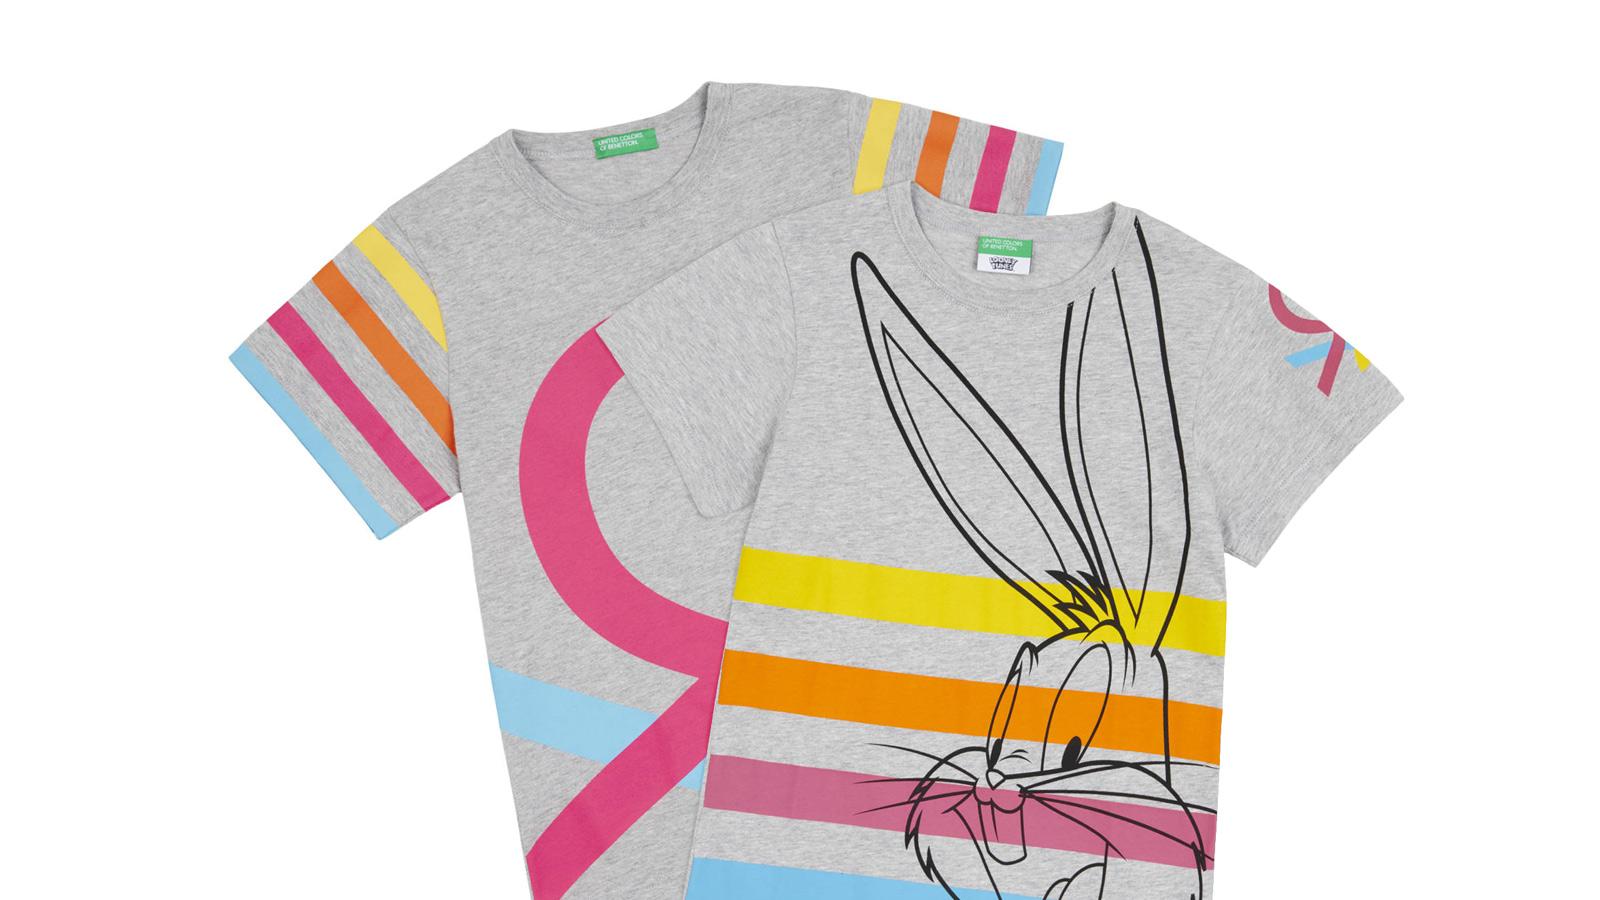 40db0d8e6b Abbigliamento Bambina Collezione Bimbi 2019| Benetton